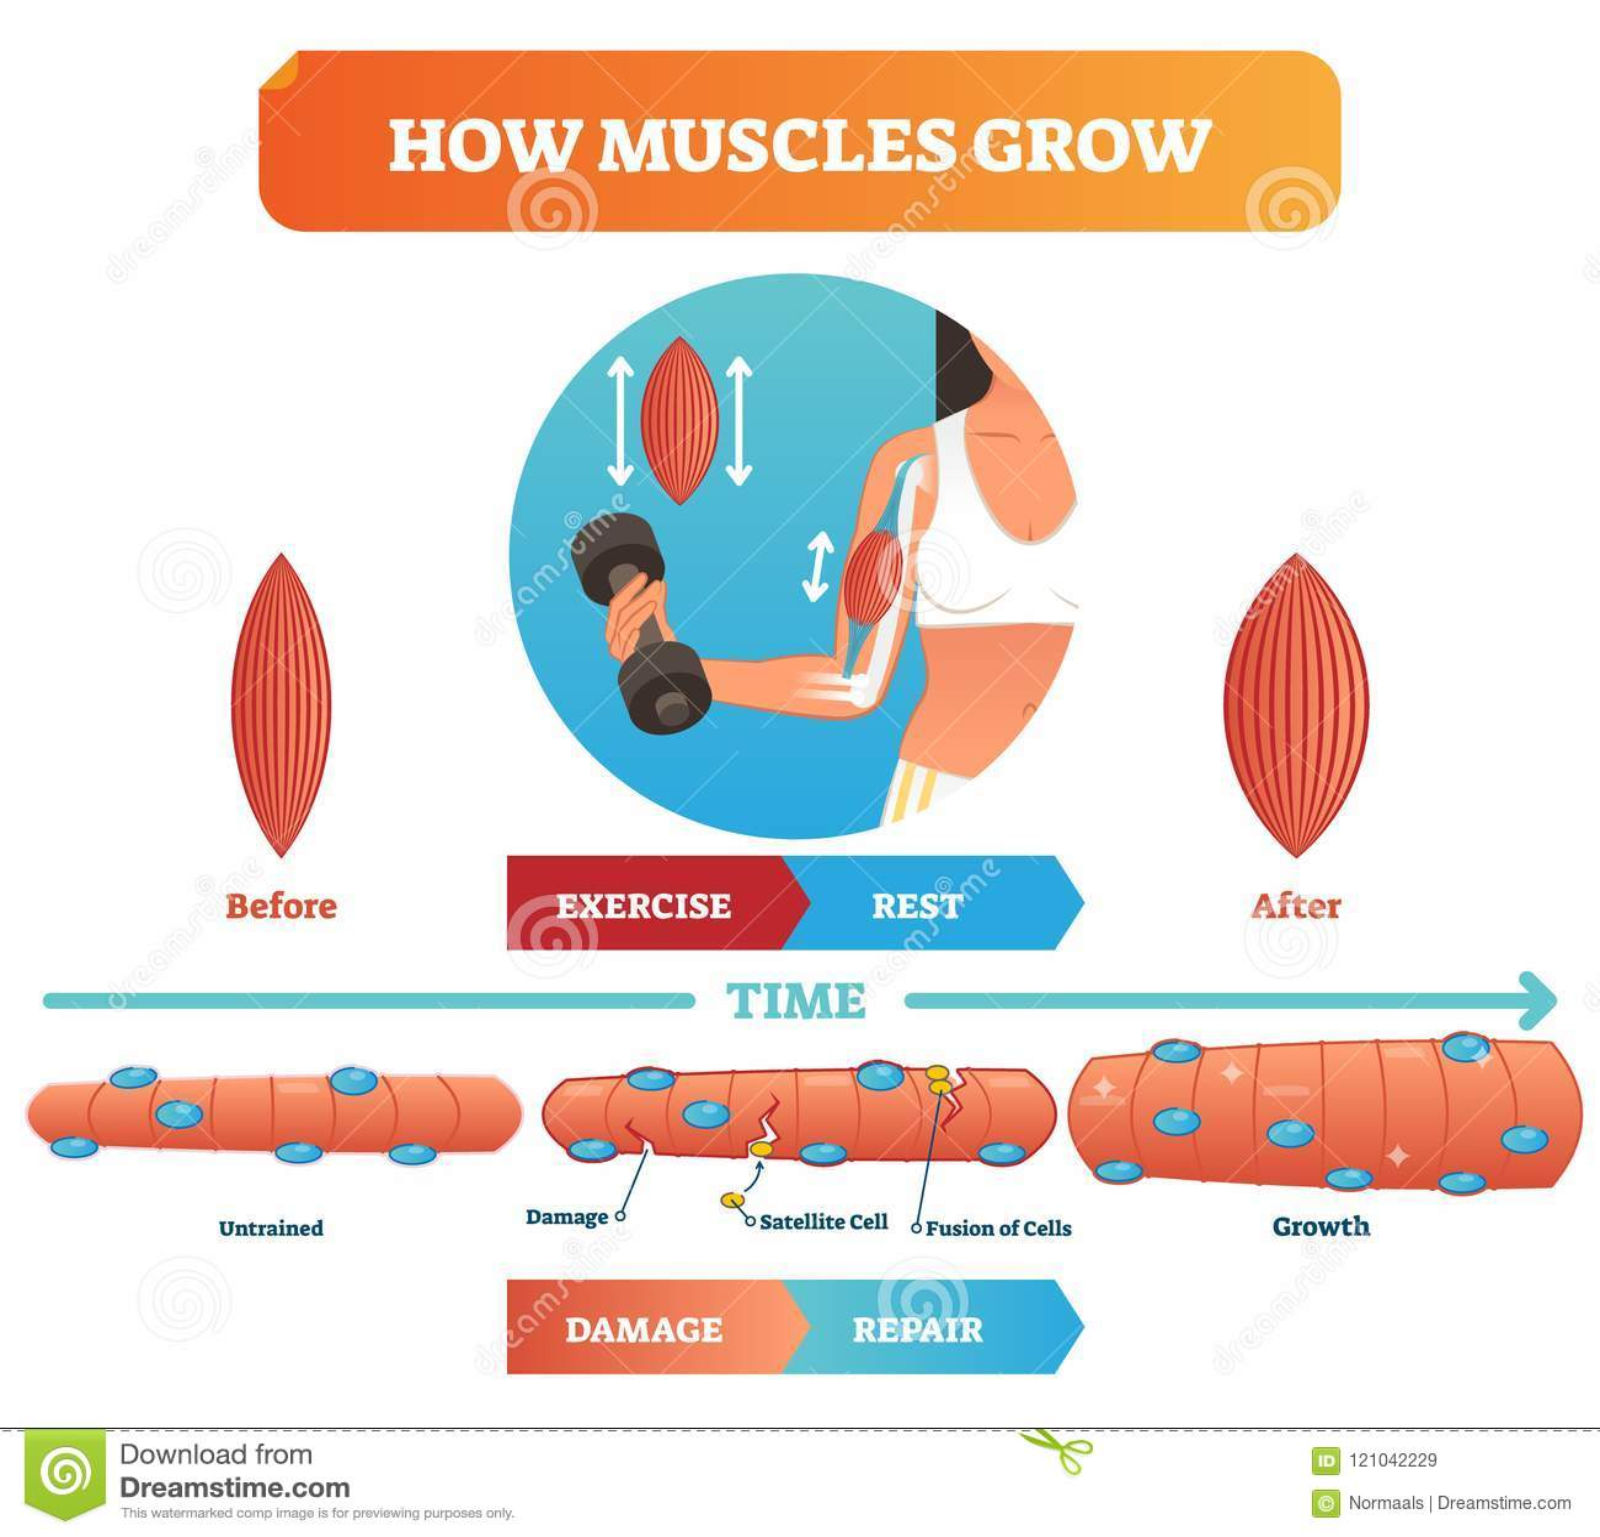 Иллюстрация вектора о как мышцы растут Медицинские воспитательные диаграмма и схема с спутниковыми клеткой и сплавливанием клеток